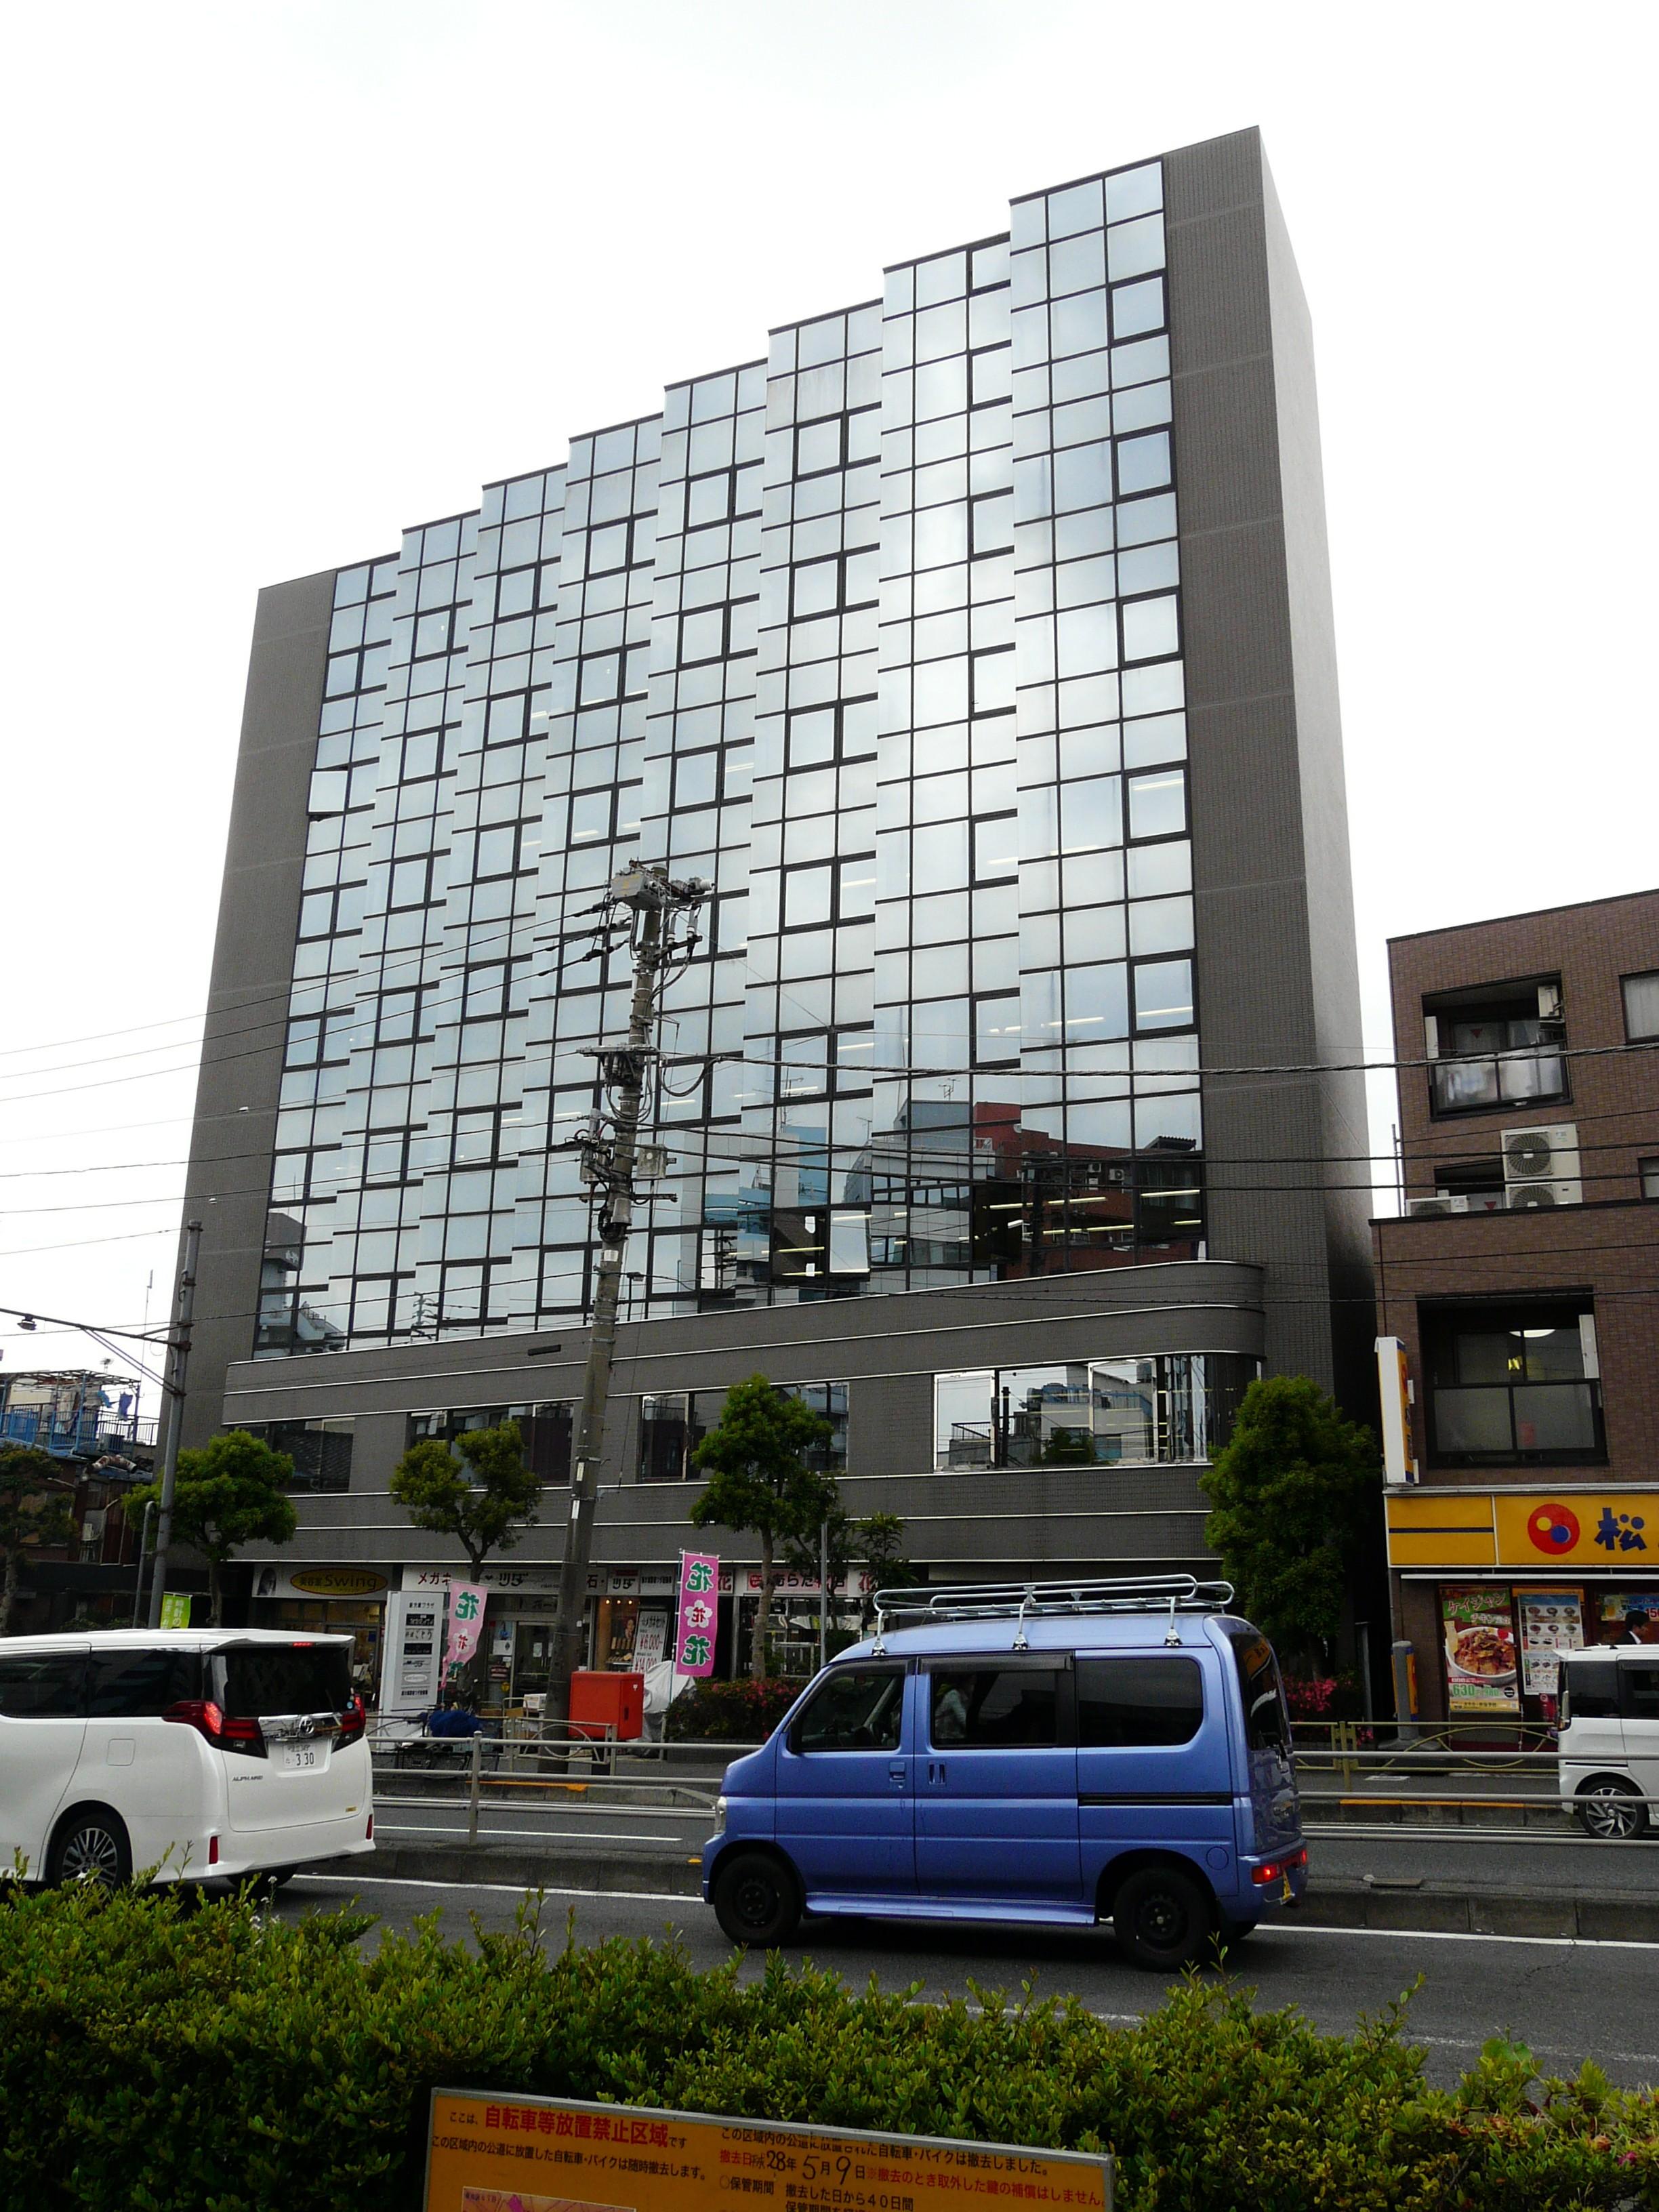 右側に見えるガラス張りのビルが「新大塚プラザ」になります